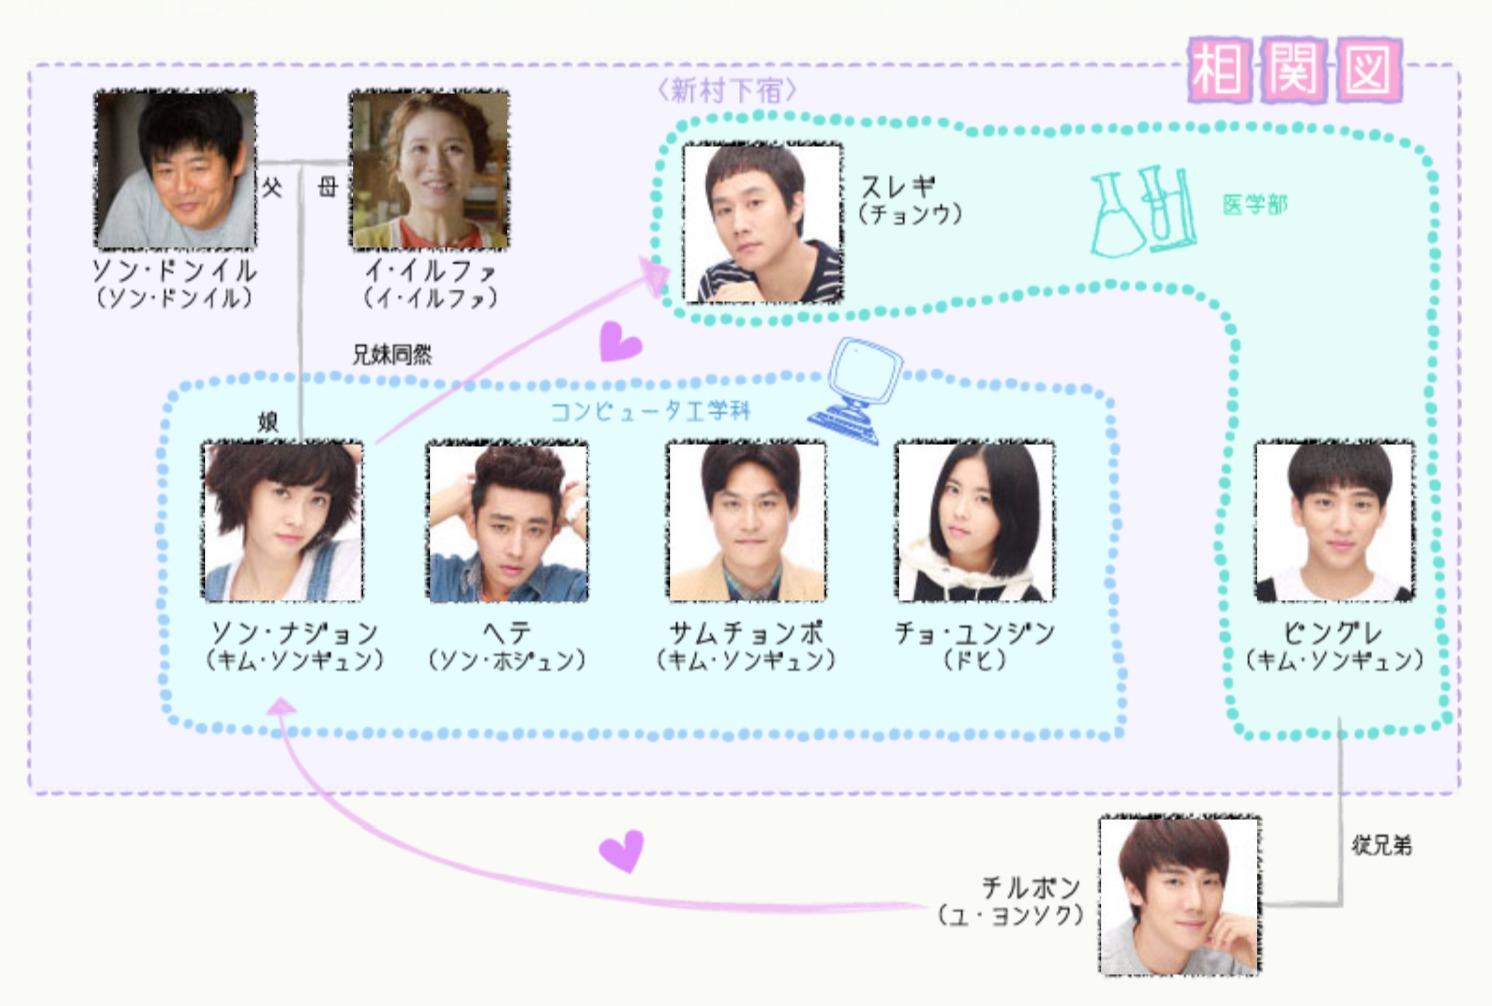 韓国ドラマ『応答せよ1994』登場人物相関図(関係図)